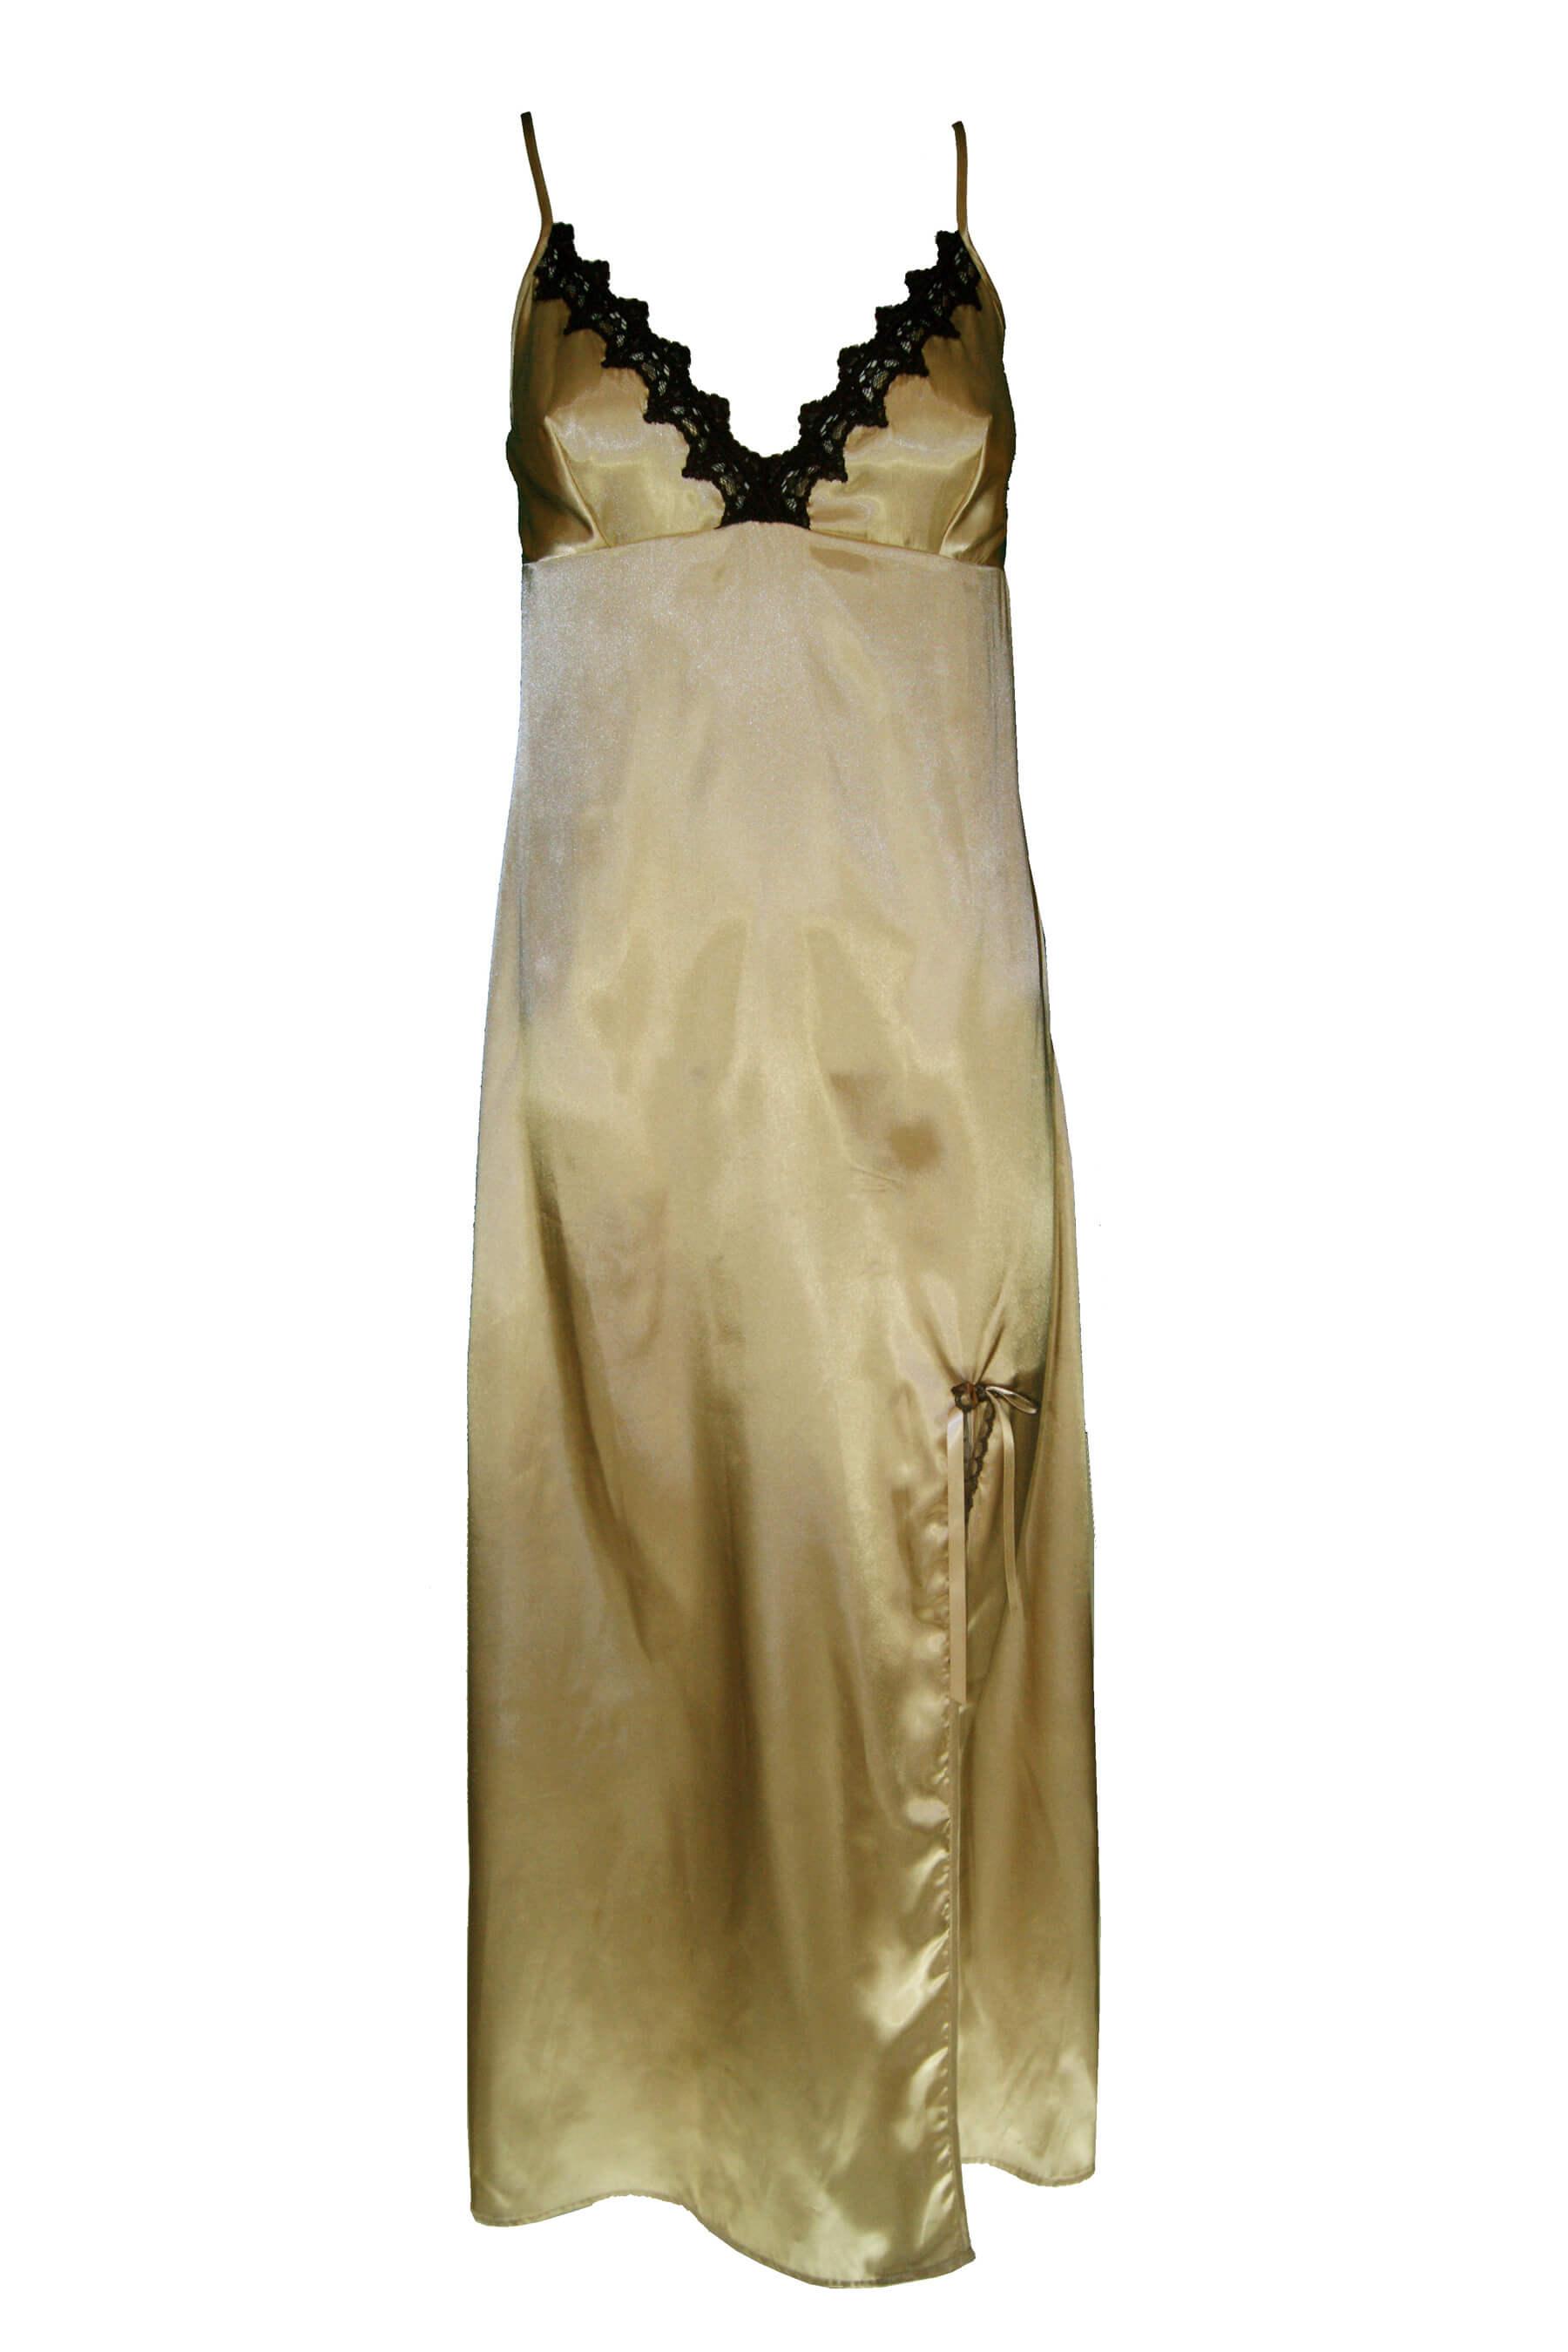 Μάξι νυχτικό σατέν Ανδρικά και γυναικεία εσώρουχα Busto - Εικόνα προϊόντος ad73b54f105